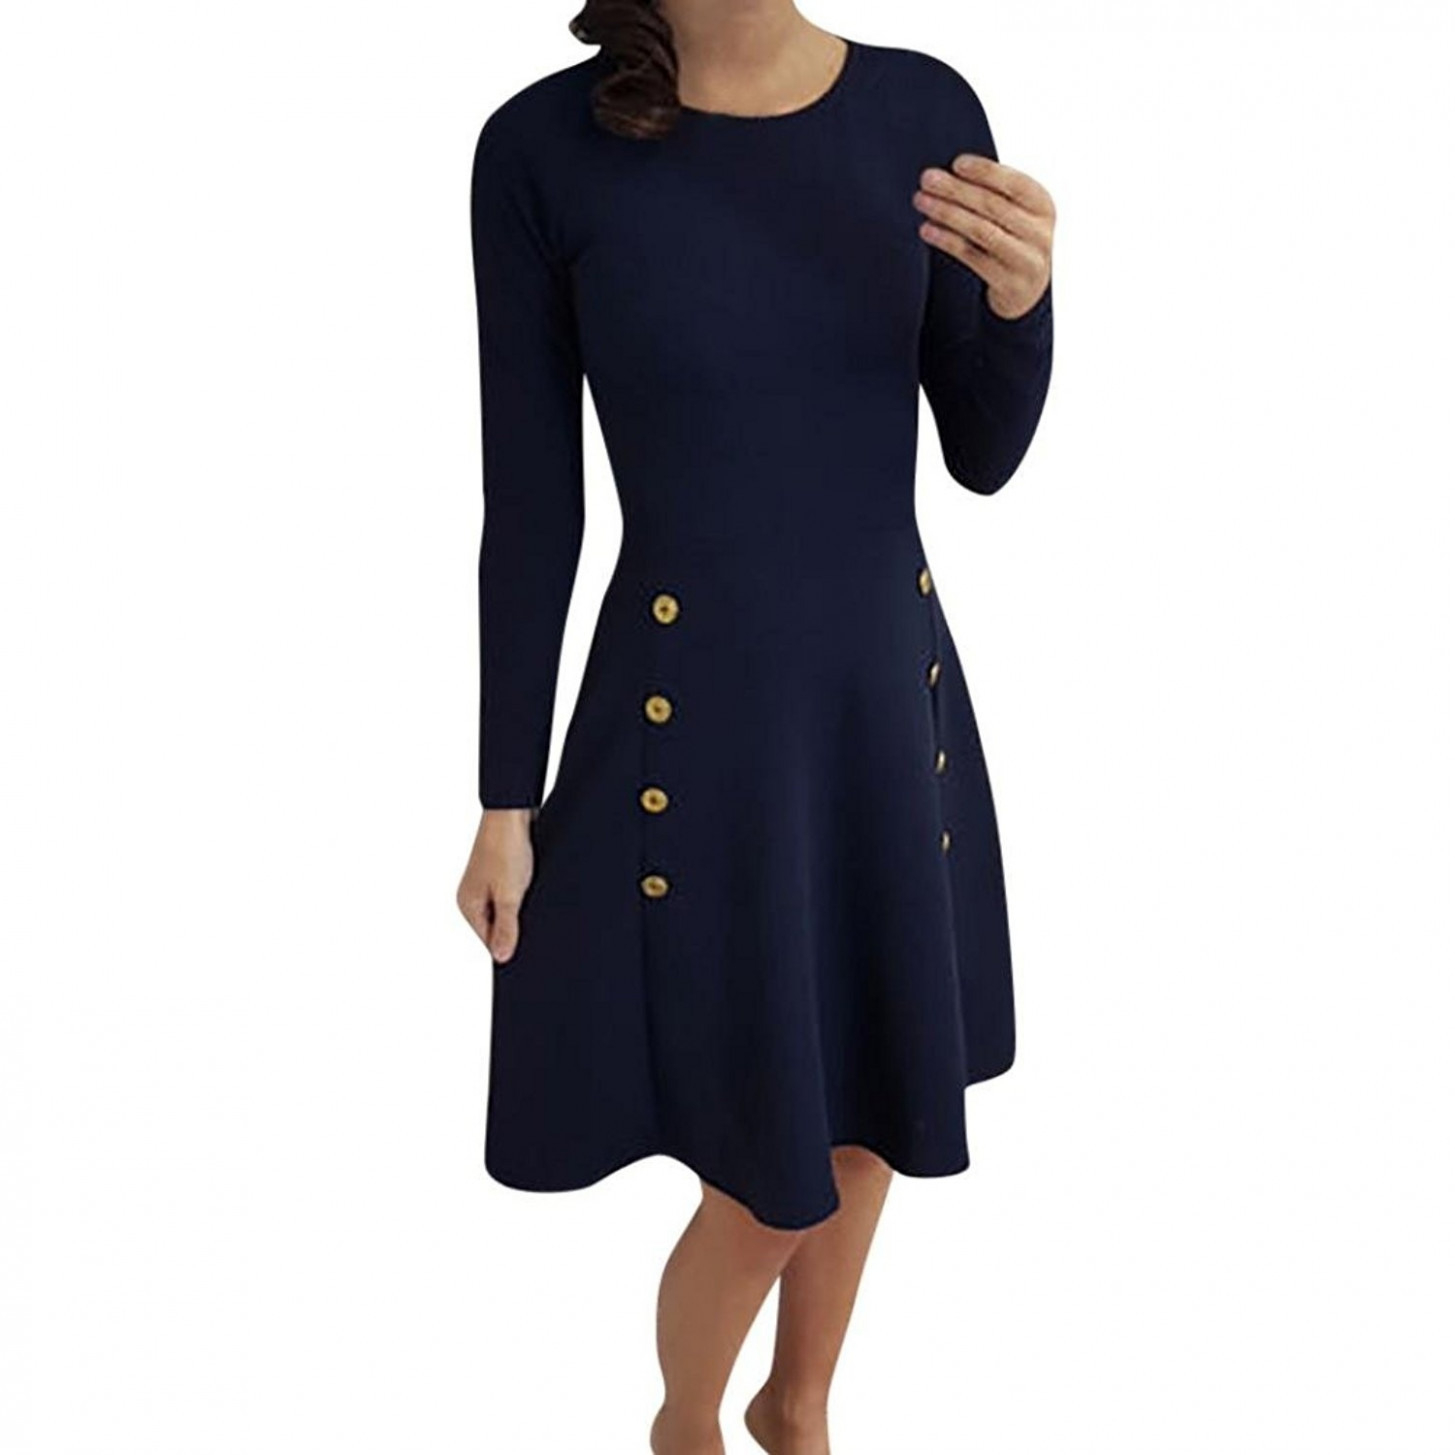 Schöne Winterkleider Damen  Abendkleider